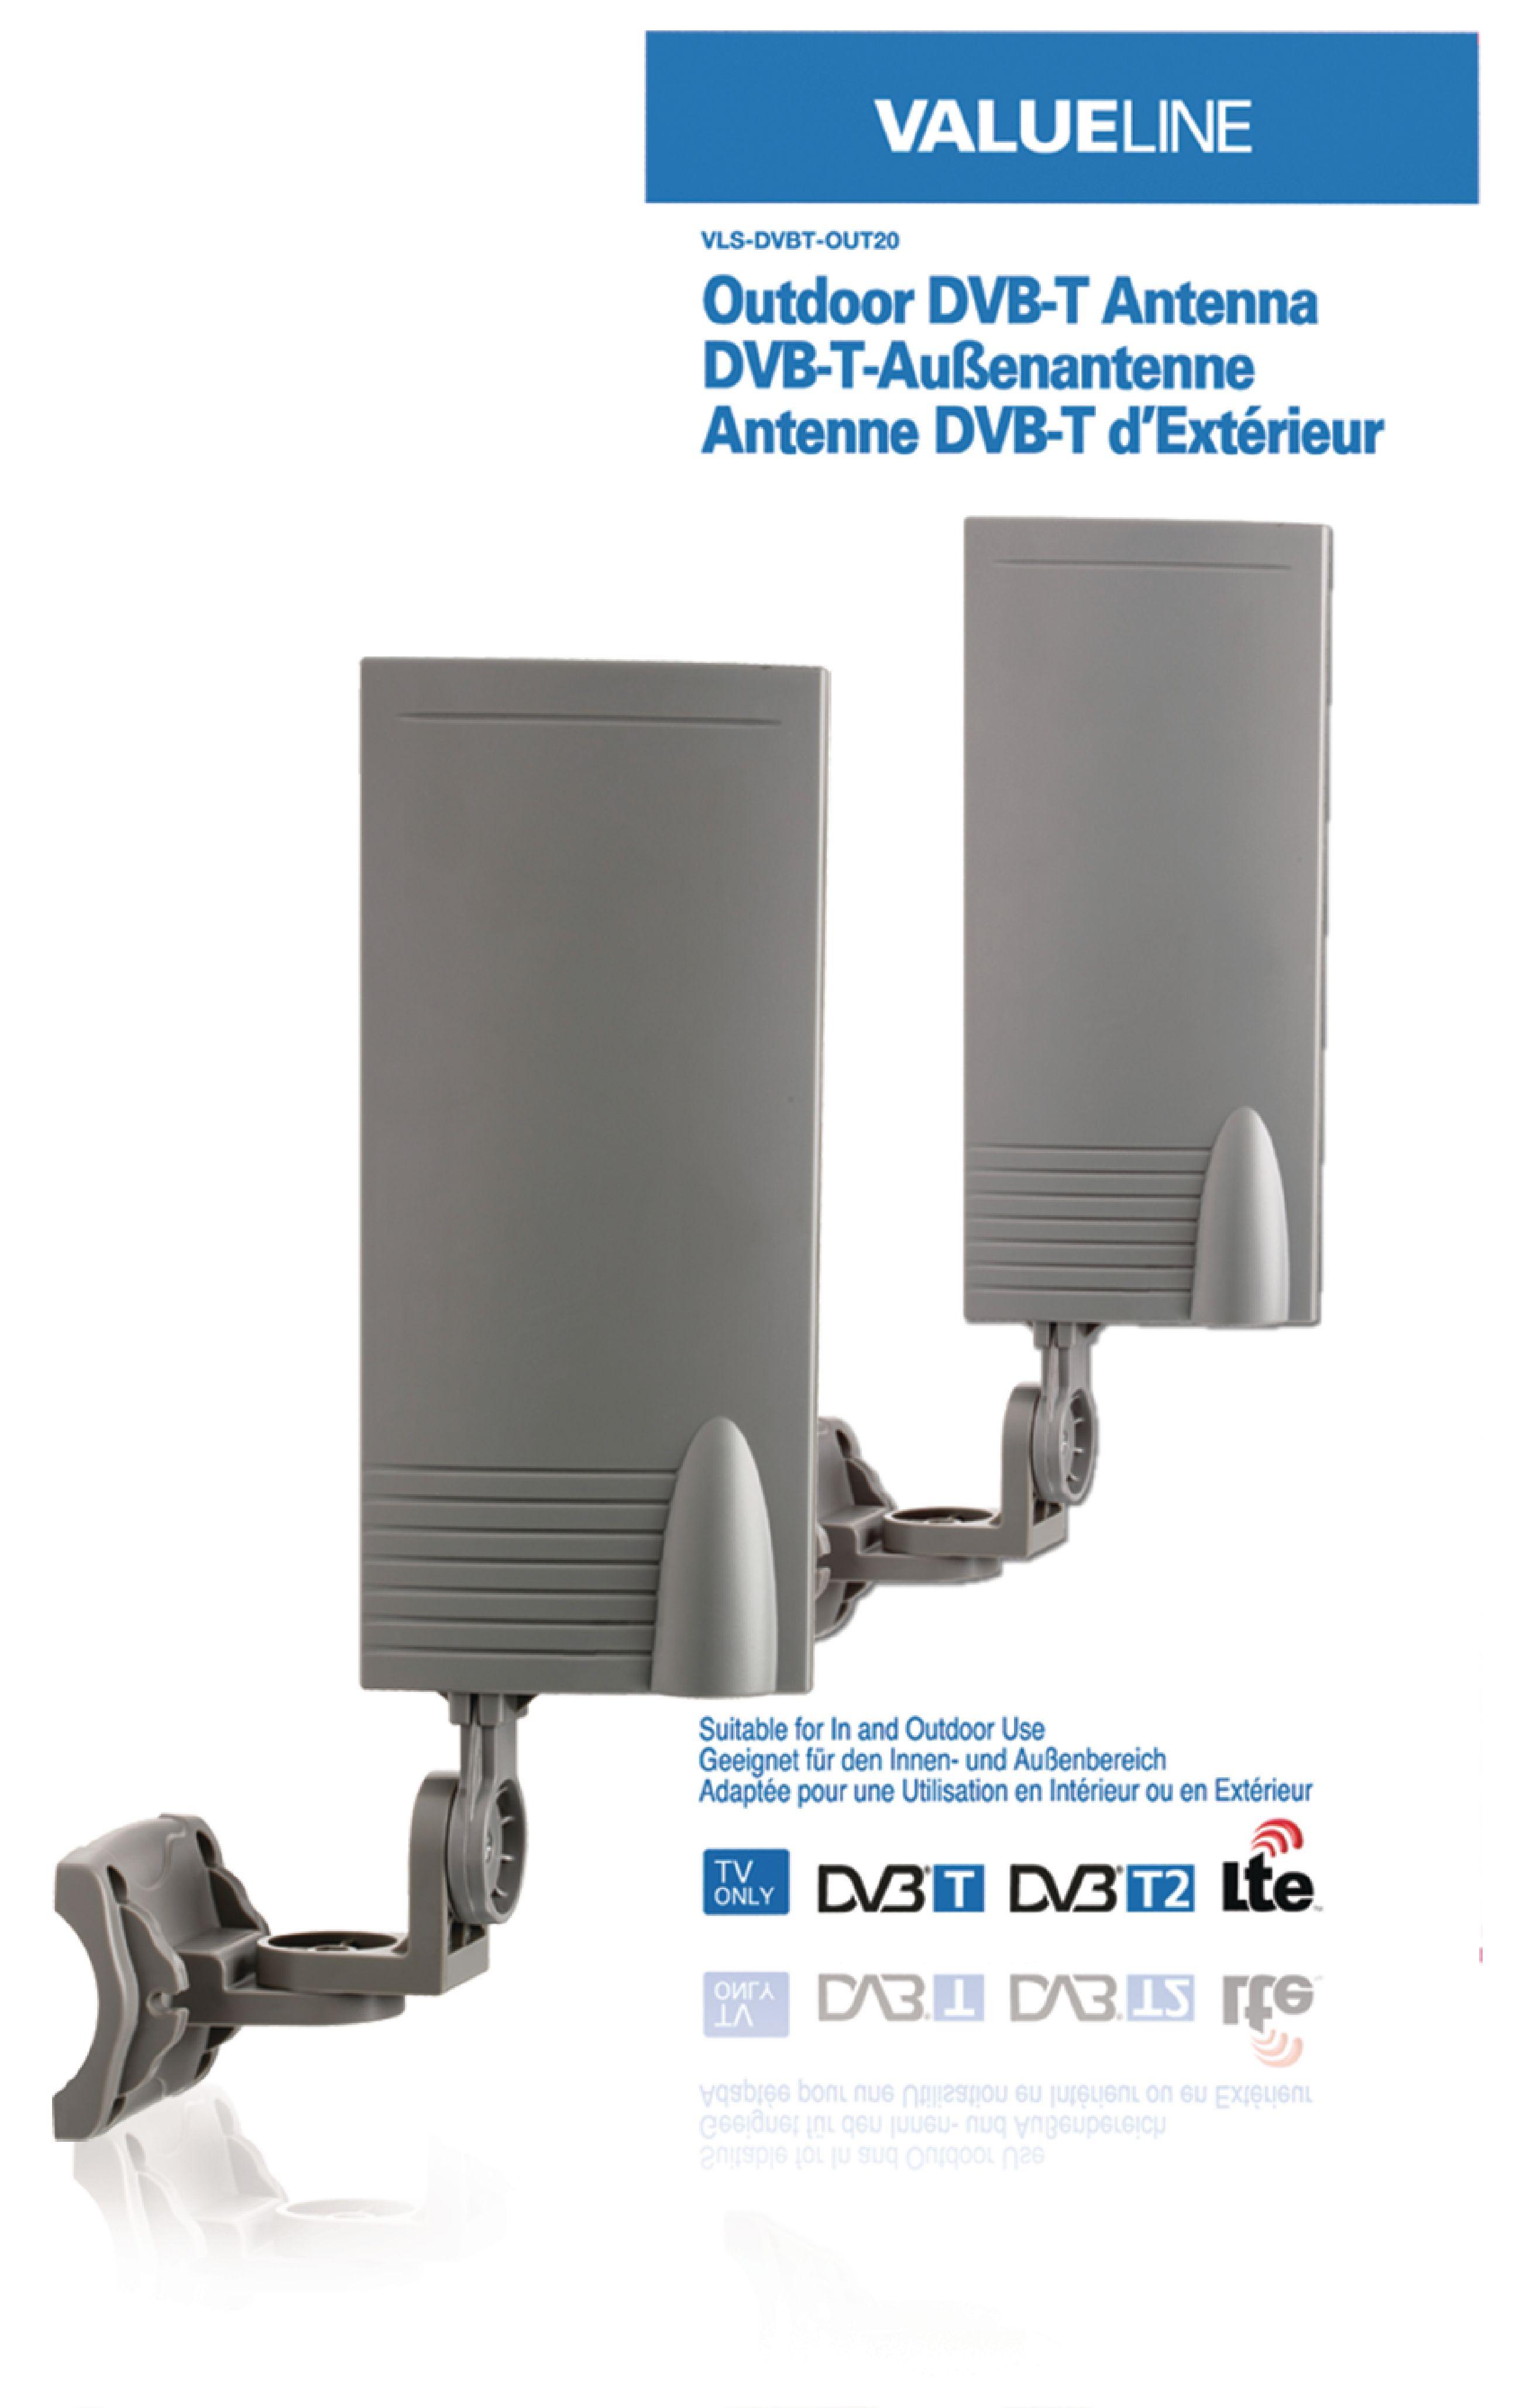 Venkovní anténa DVB-T/T2 15 dB VHF/UHF Valueline VLS-DVBT-OUT20